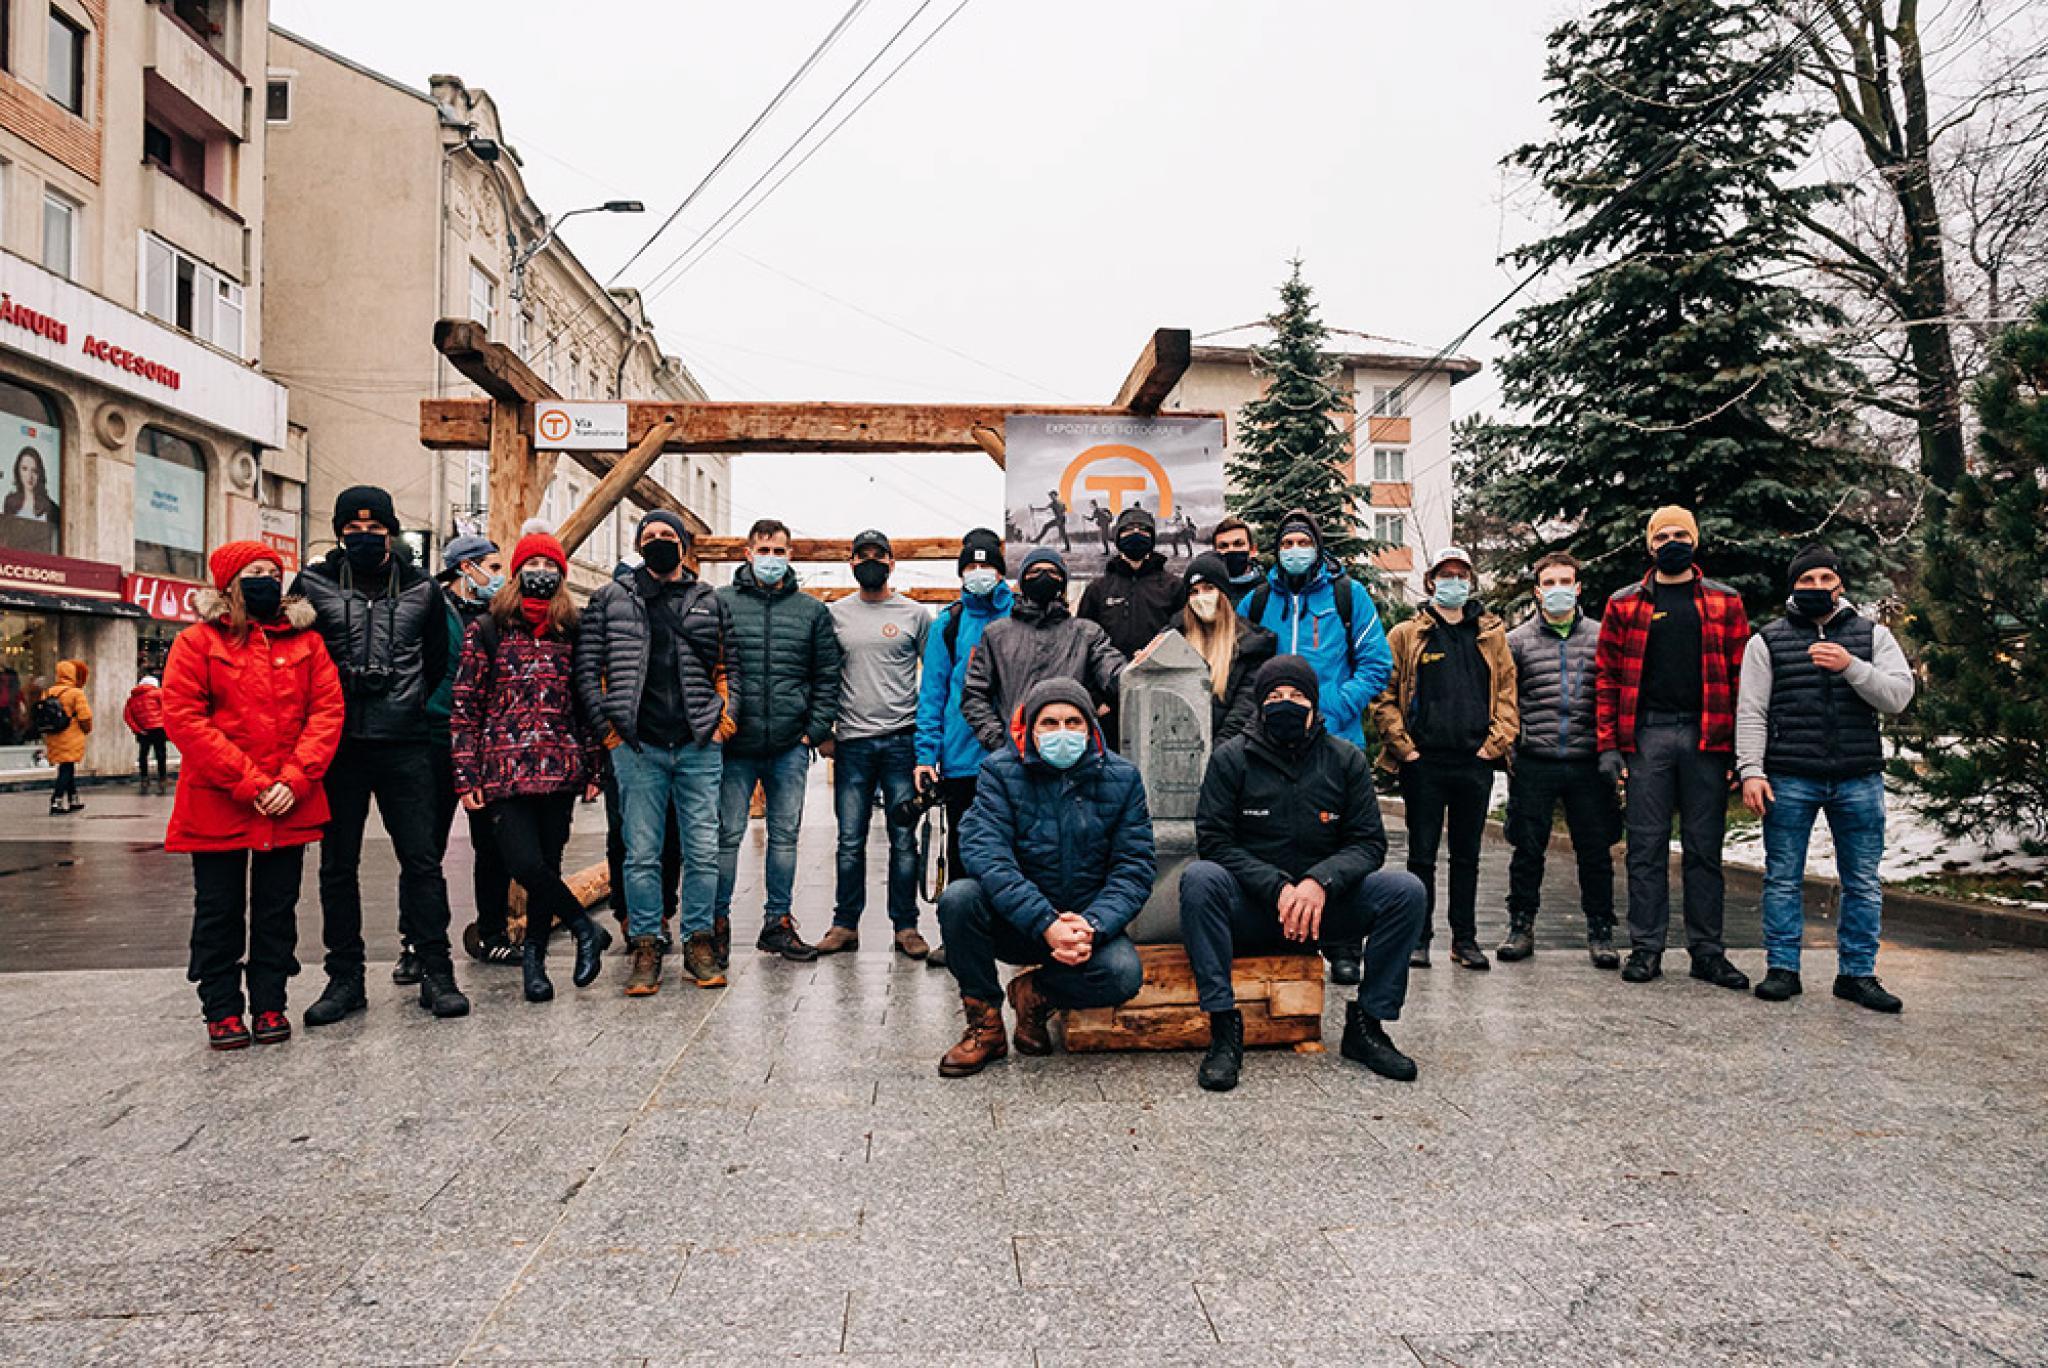 O portiune din Via Transilvanica recreata in centrul Sucevei printr o inedita expozitie de fotografie